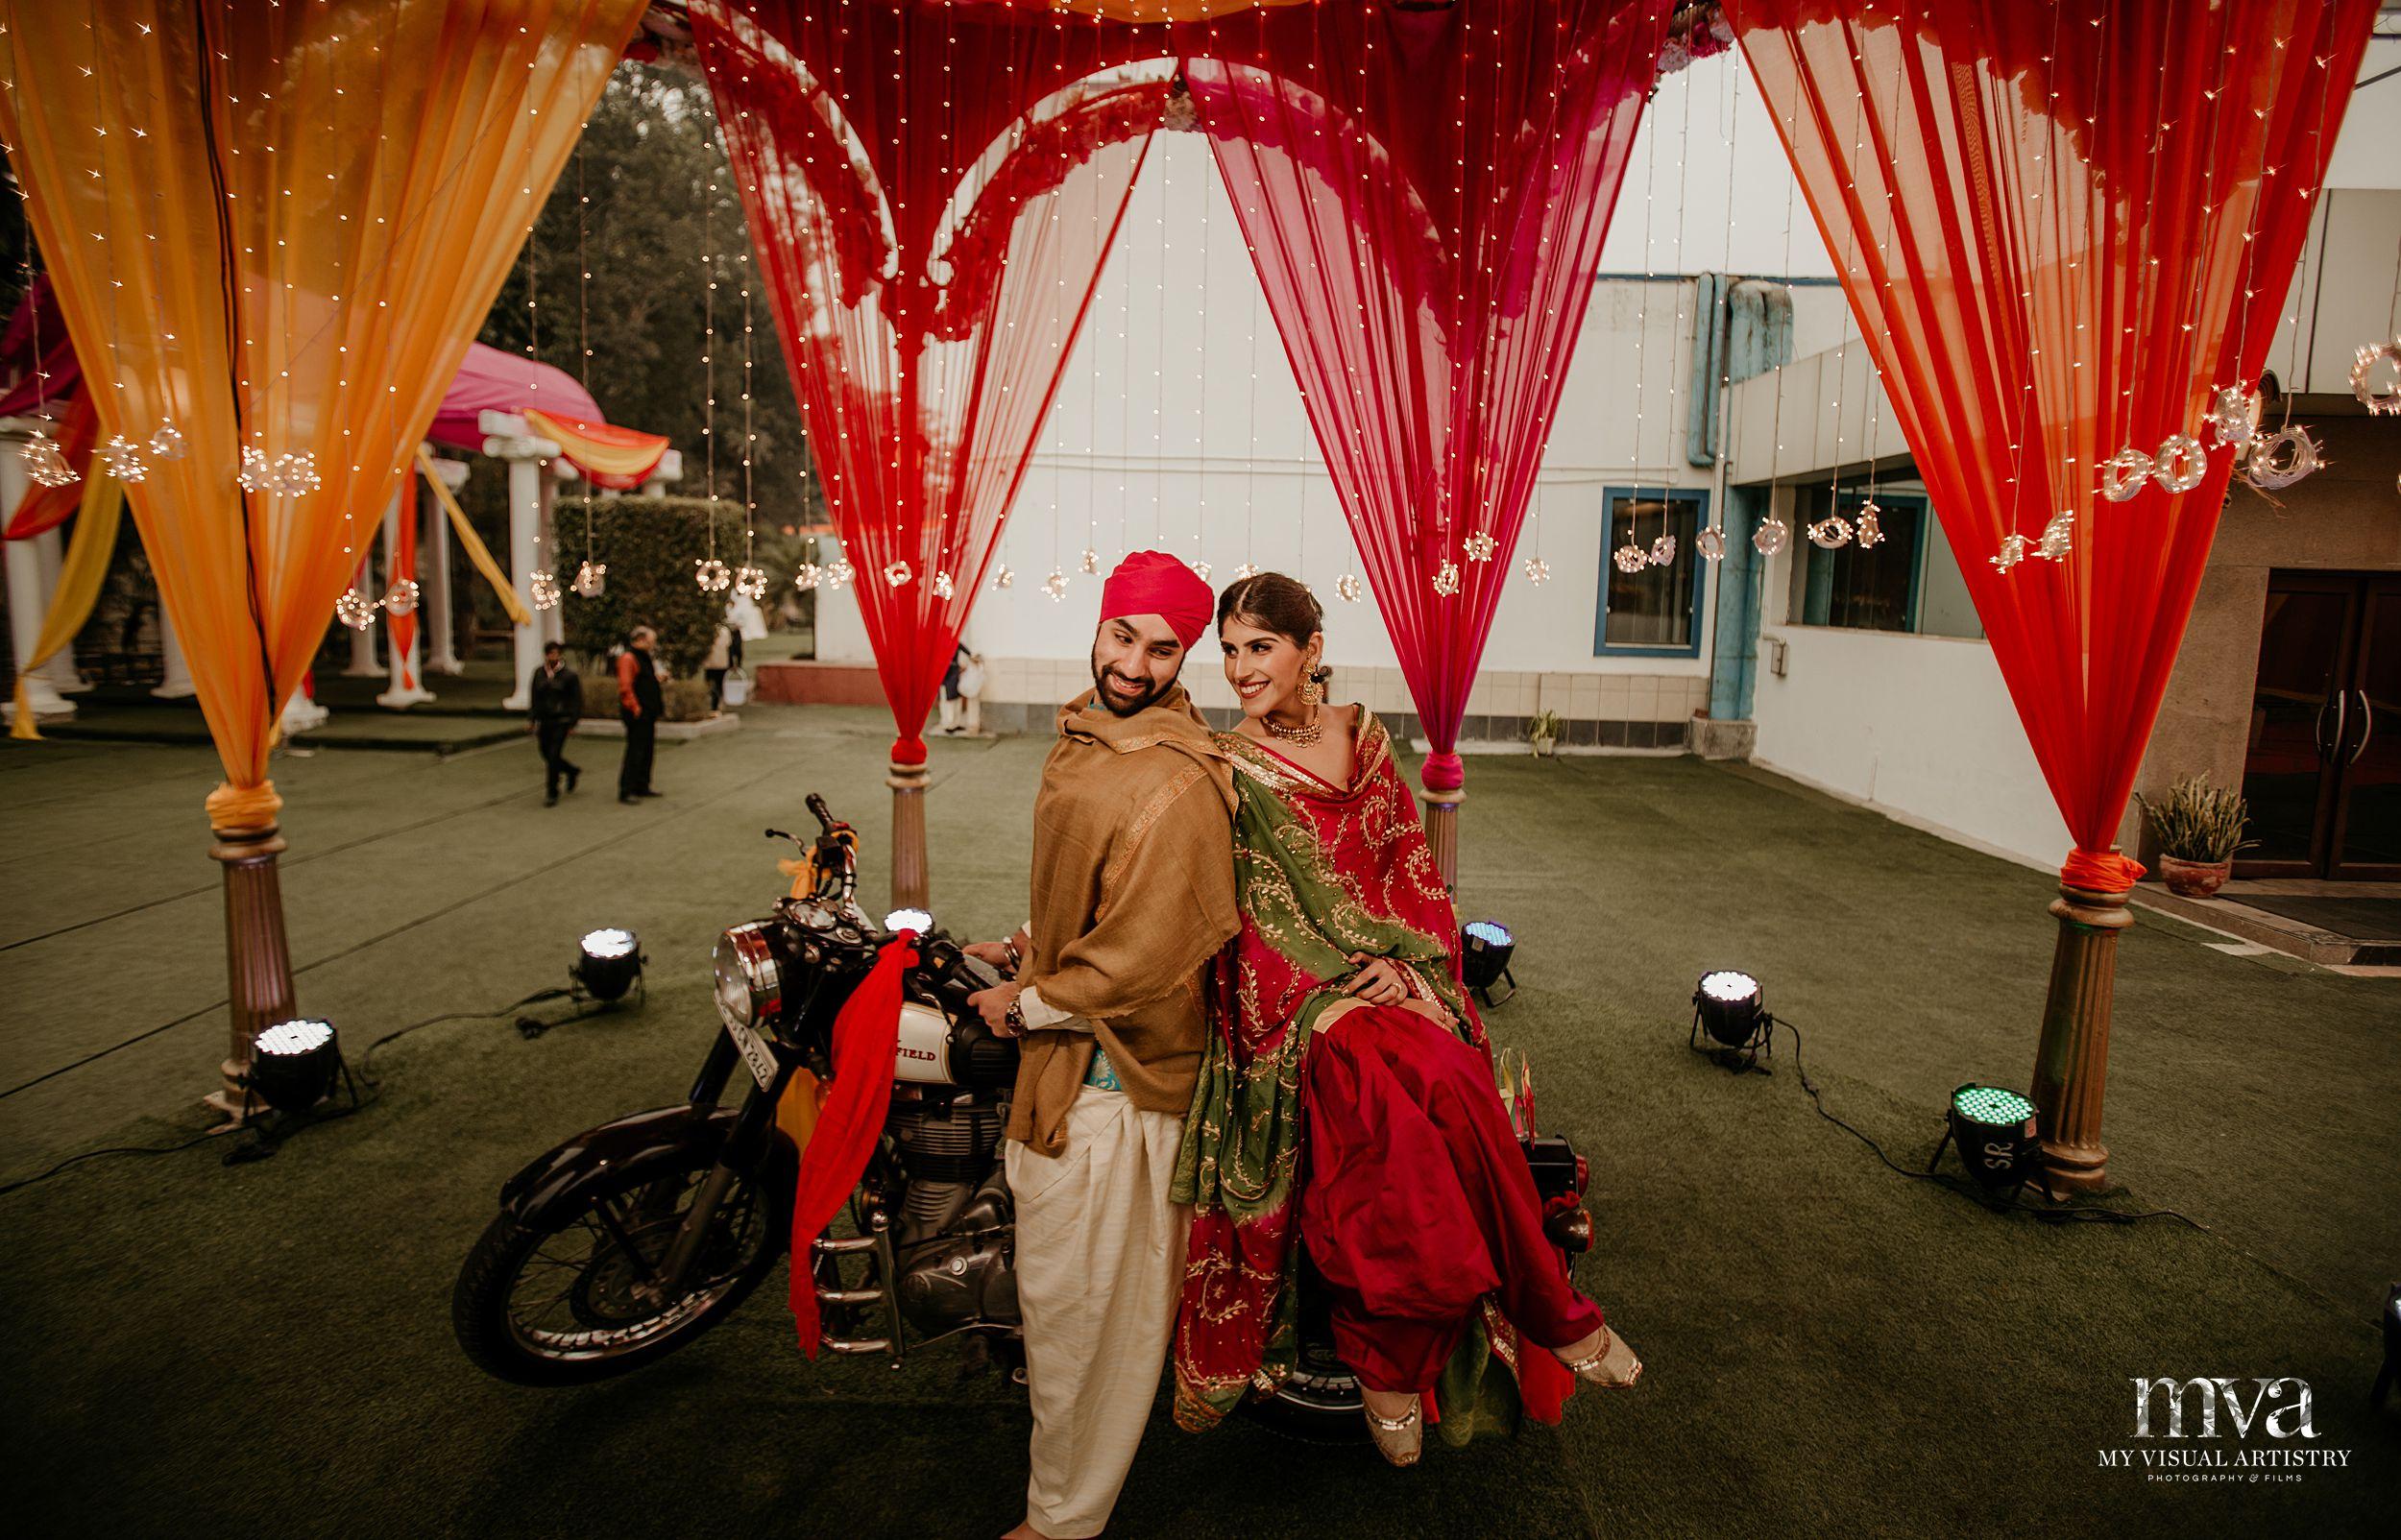 anant_arundhati_myvisualartistry_mva_wedding_sikh_ - 029.jpg